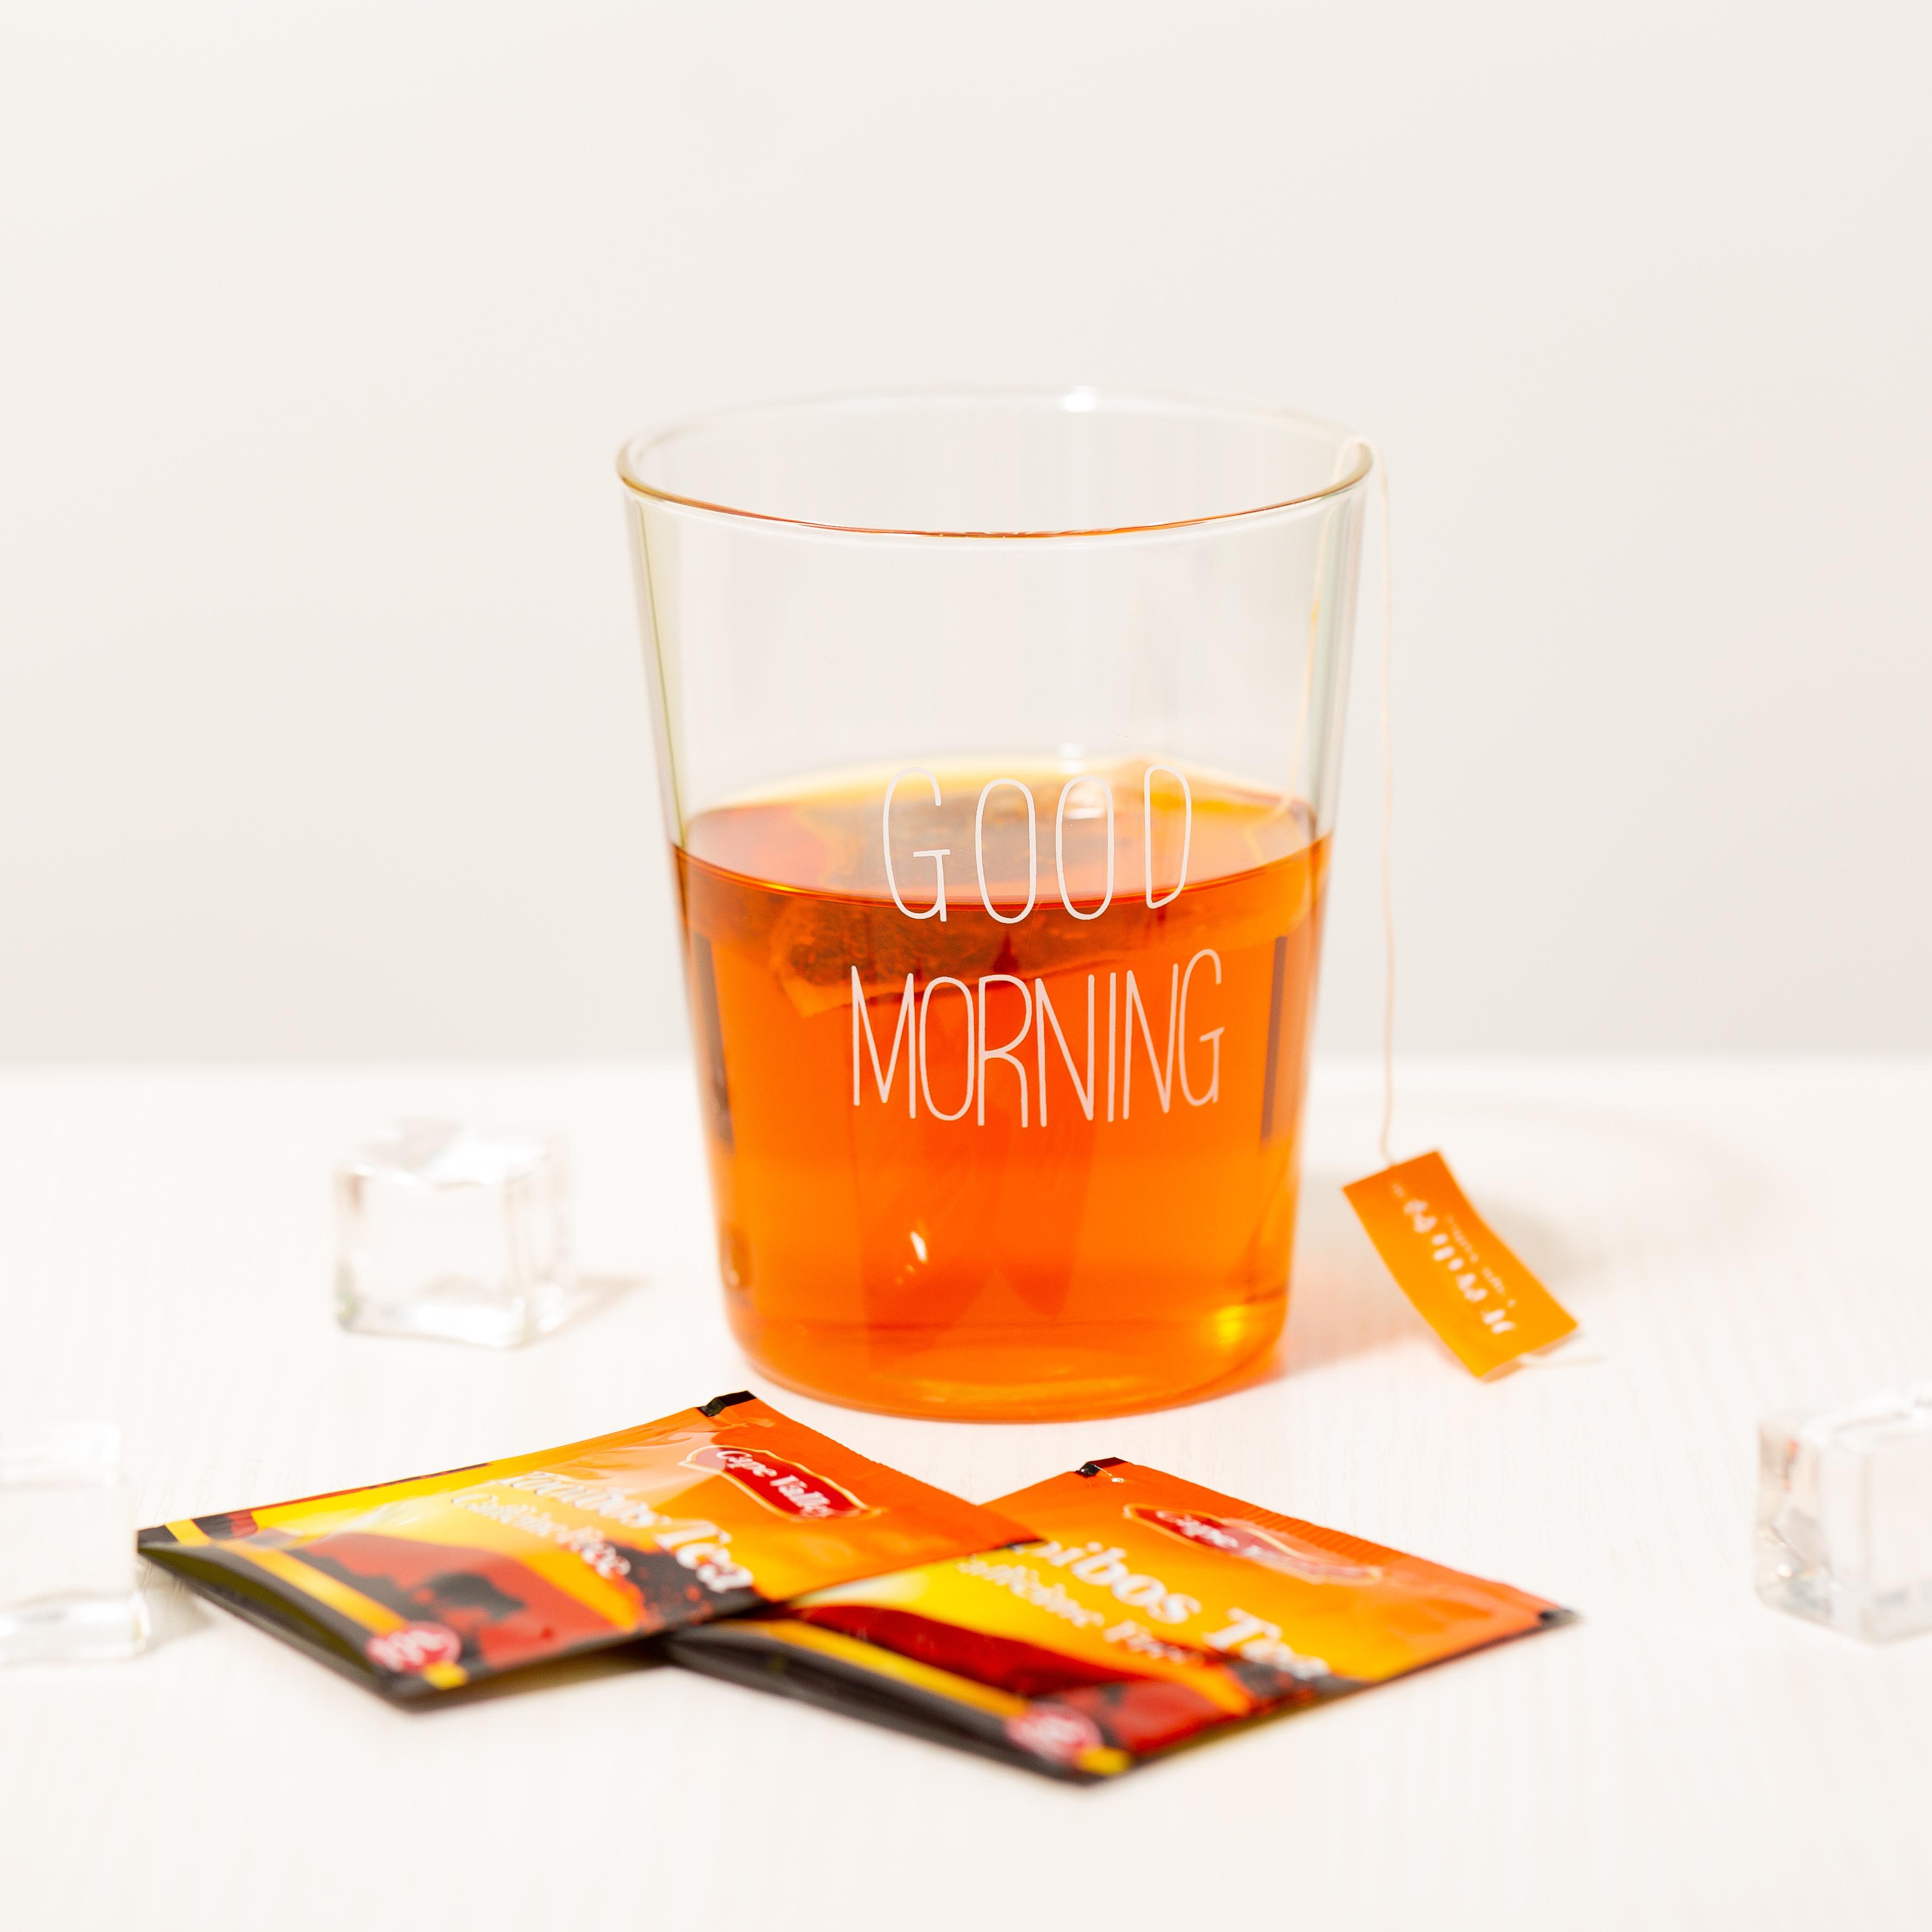 「可以喝的神仙水」开普山谷南非博士茶 Rooibos路易波士国宝红茶无咖啡因 美容养颜  0卡路里 无糖分  孕妇可喝100袋/盒 商品图7